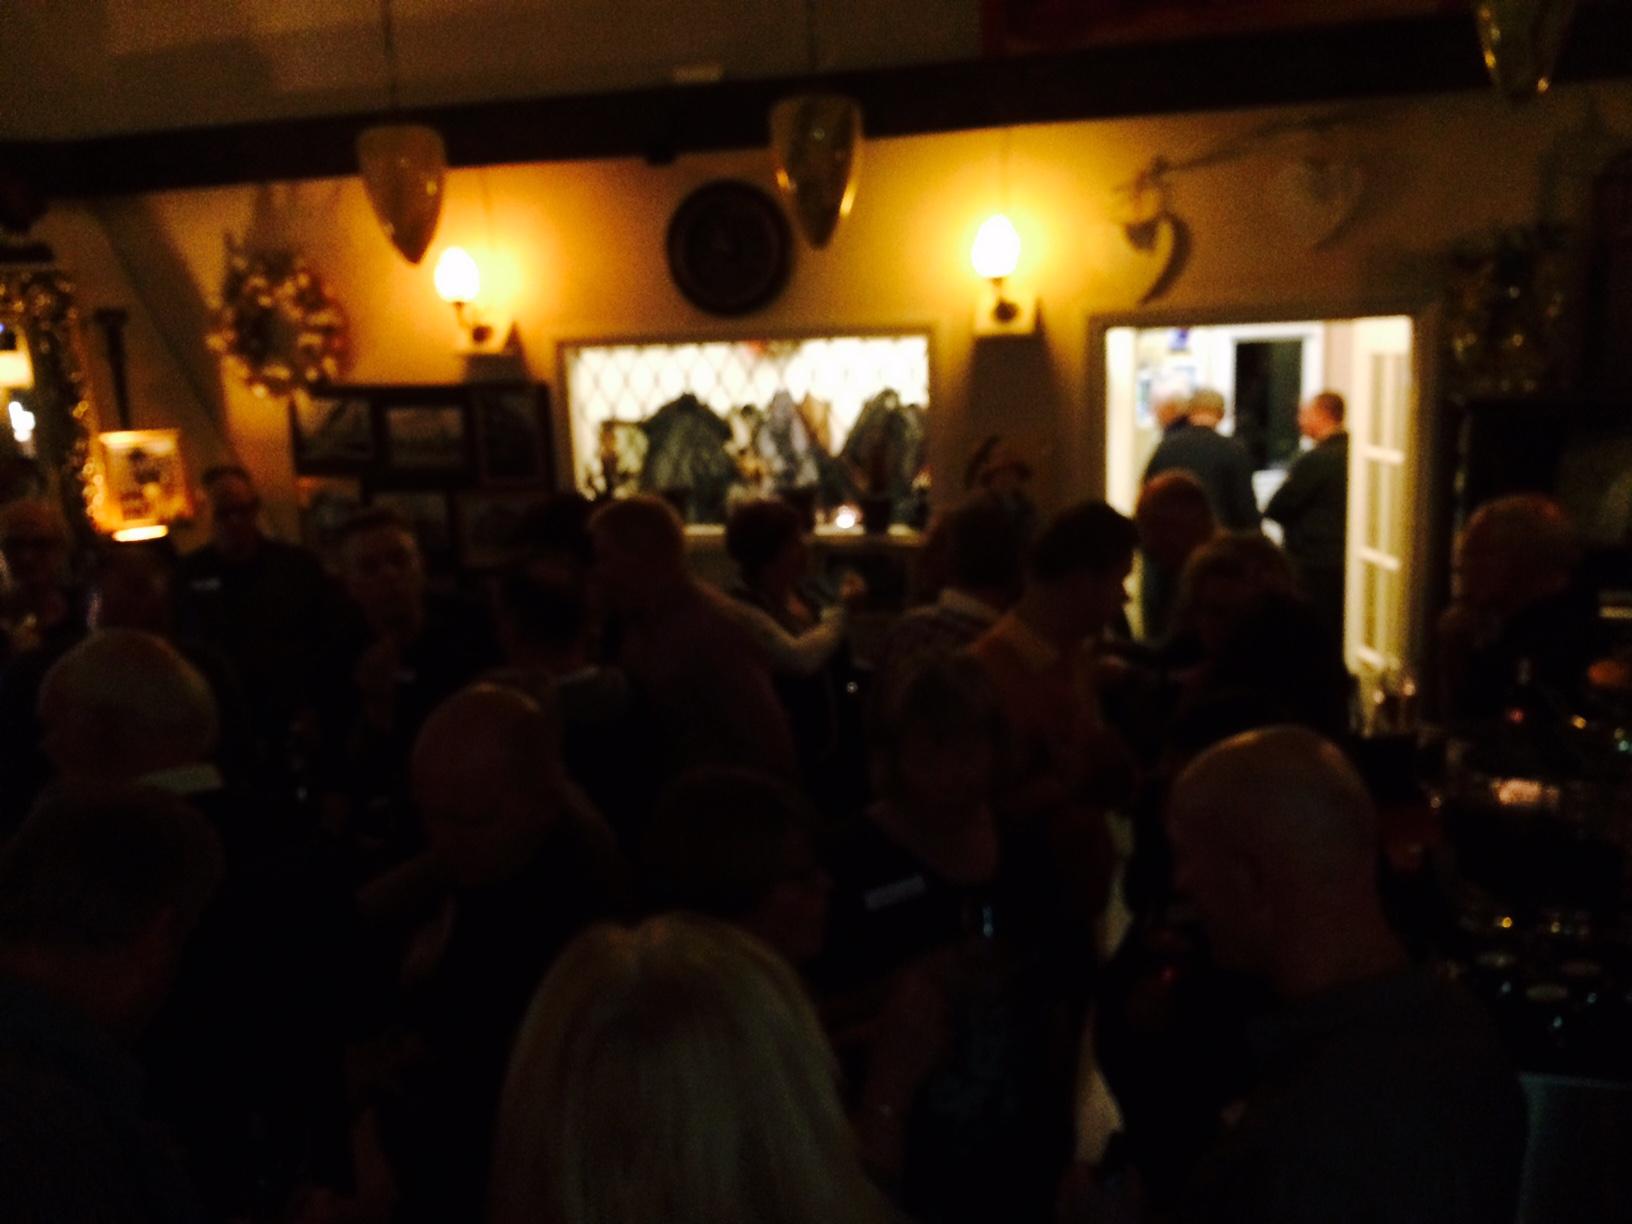 singlecafe Groenlo Brasserie 1888 15-11-2014